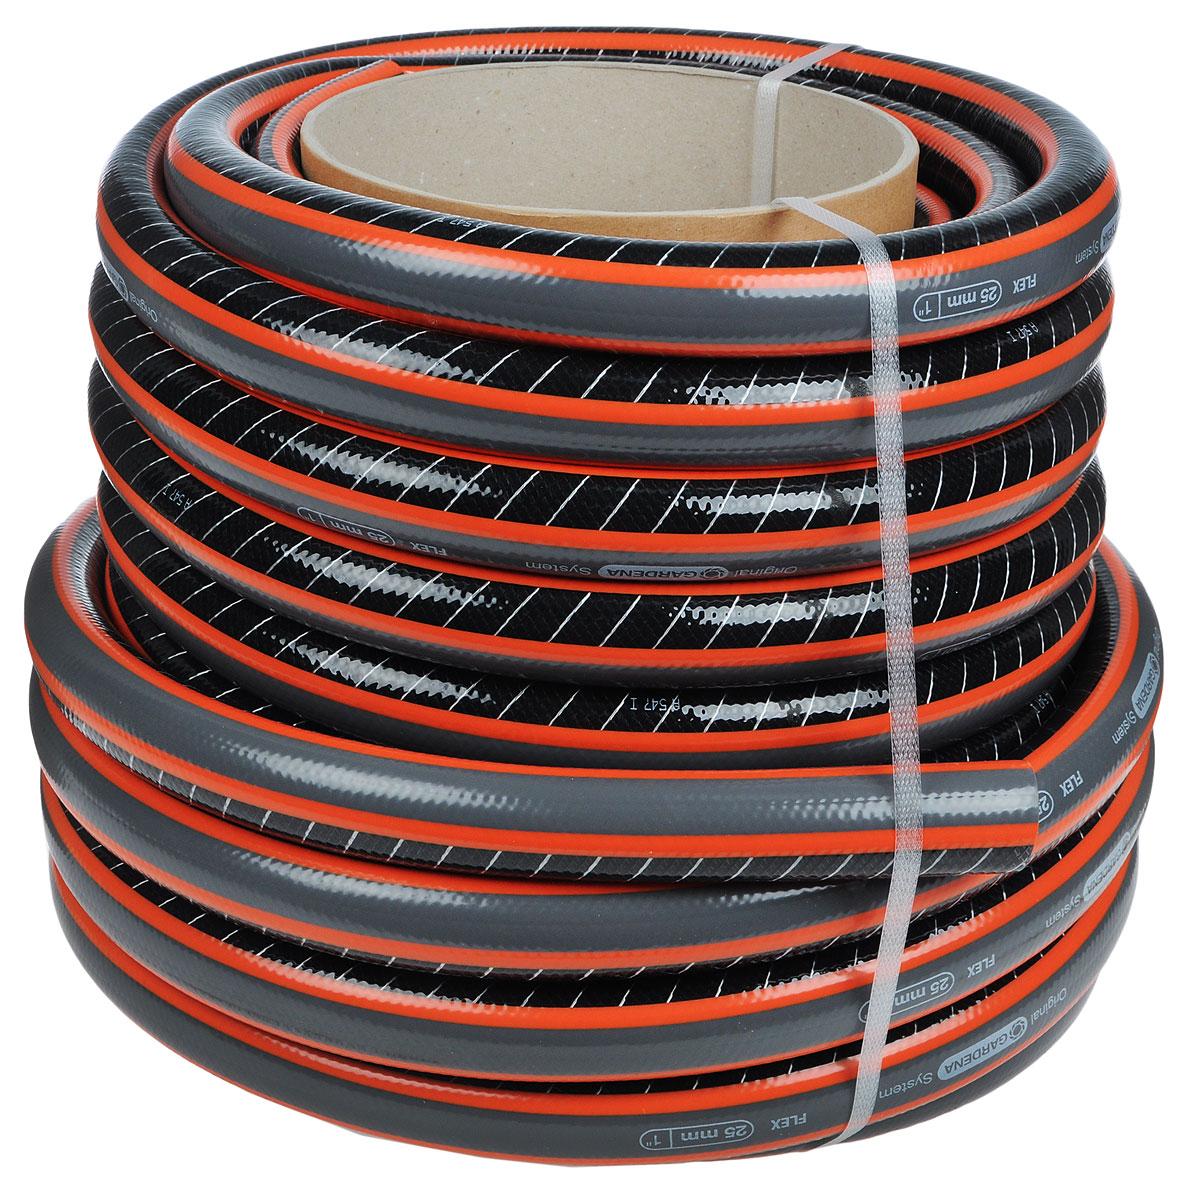 Шланг Gardena Flex, диаметр 25 мм, длина 25 м18057-22.000.00Шланг Gardena Flex c ребристым профилем Power Grip для идеального соединения с коннектором базовой системы полива. Благодаря спиралевидному текстильному армированию, усиленному углеродными волокнами, шланг стал устойчивее к высокому давлению и сохранению формы. Шланг не содержит фталаты и тяжелые металлы и невосприимчив к УФ-излучению. Толстые стенки шланга обеспечивают длительный срок службы и безопасность использования. Длина шланга: 25 м. Диаметр шланга: 25 мм. Давление разрыва: 25 бар.